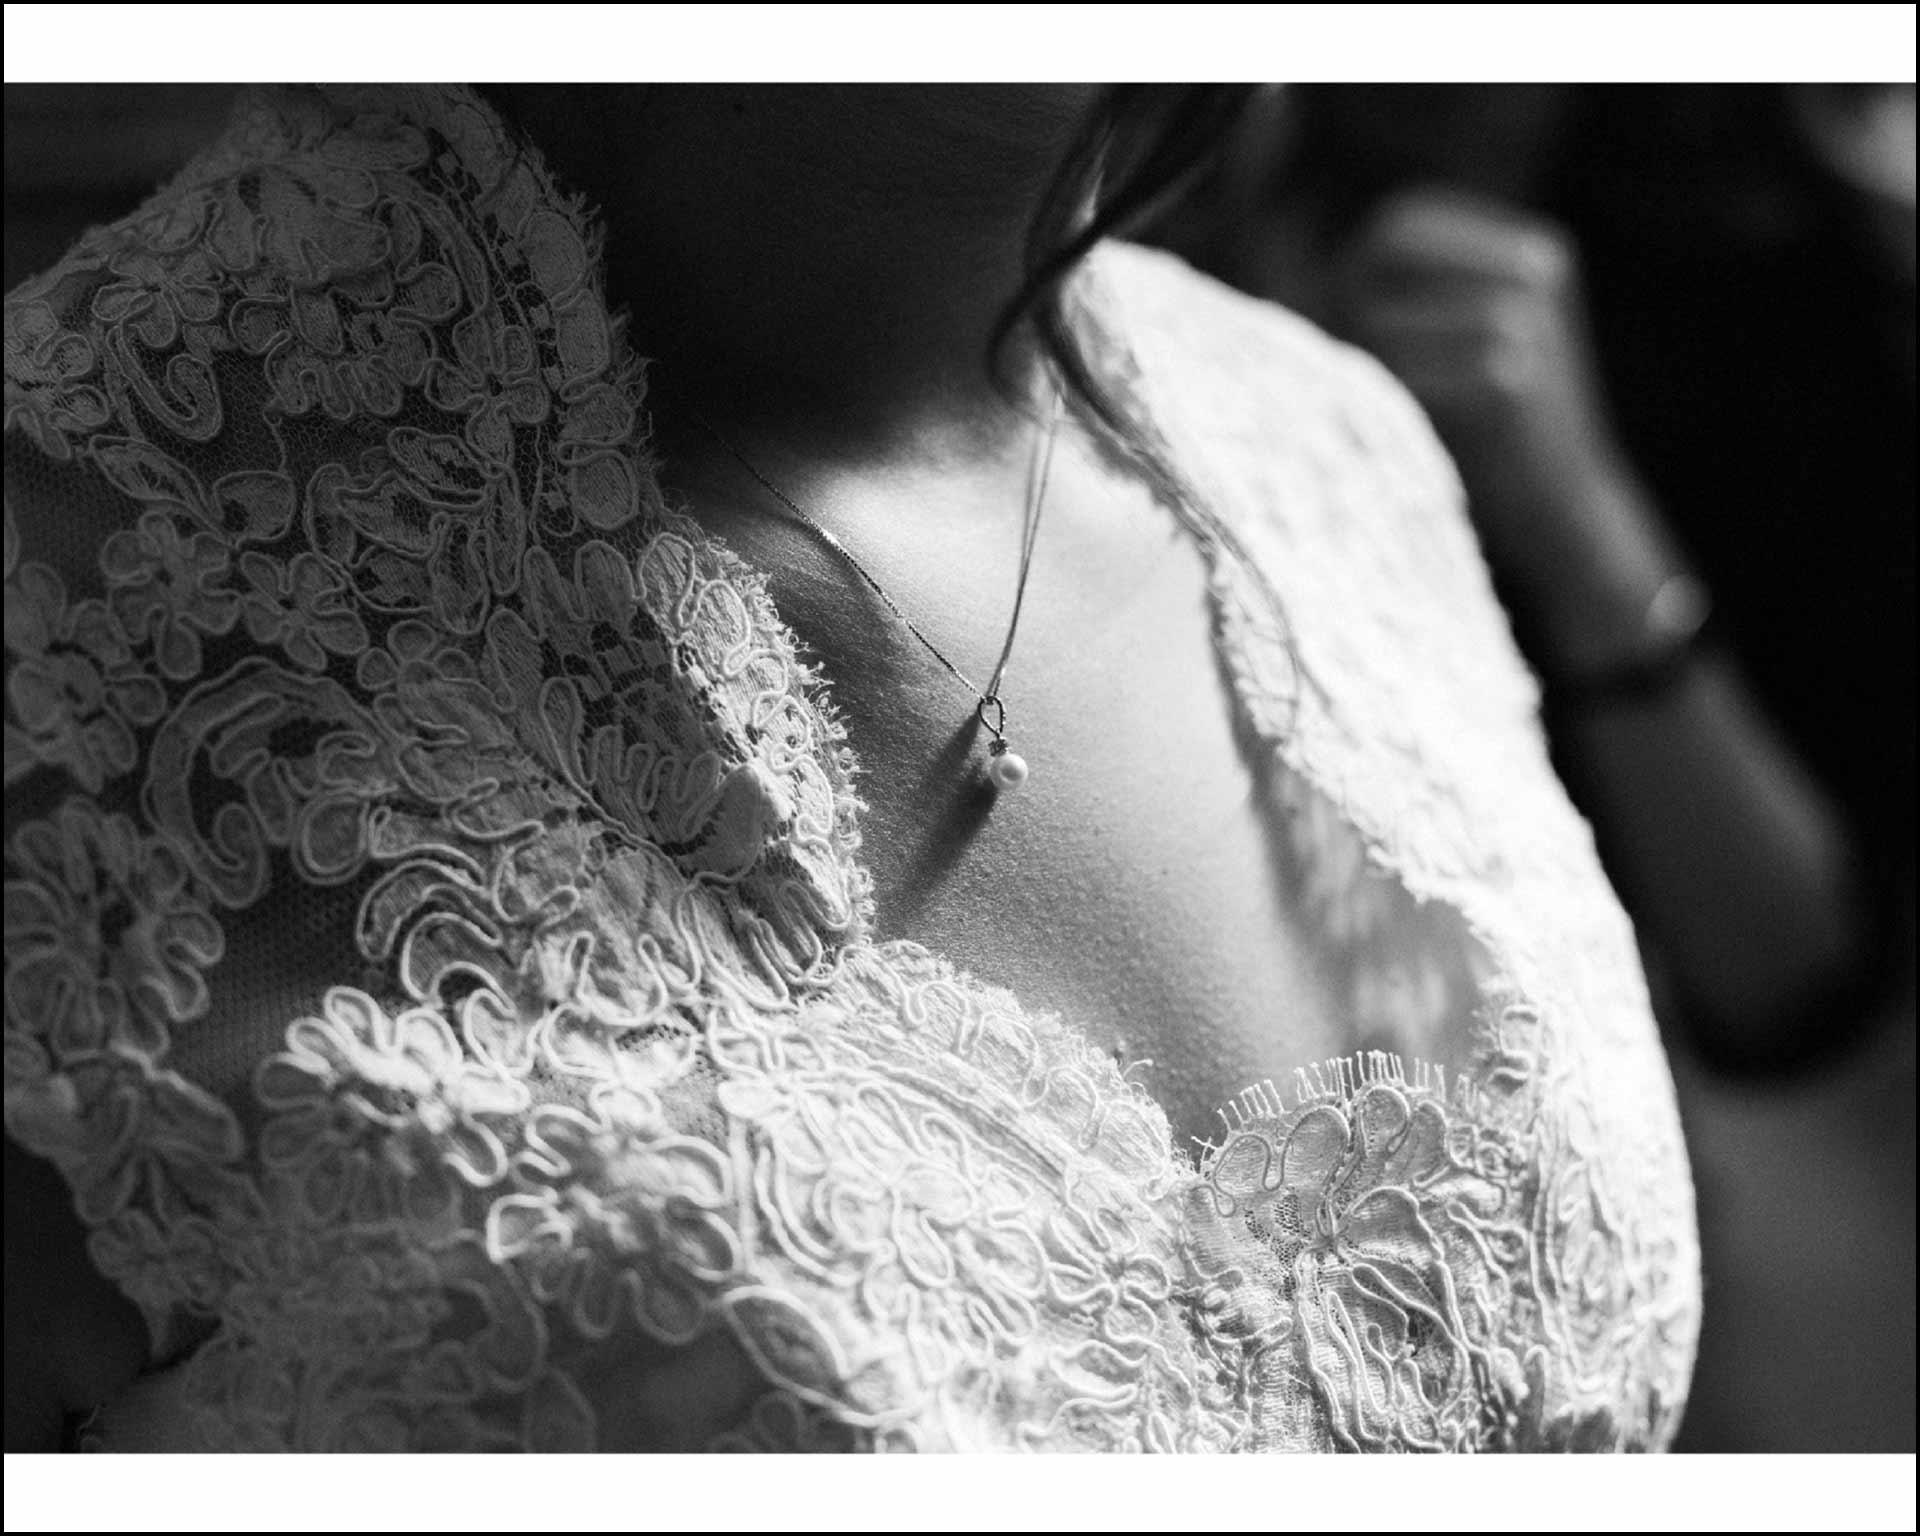 Dettaglio del decollete della sposa